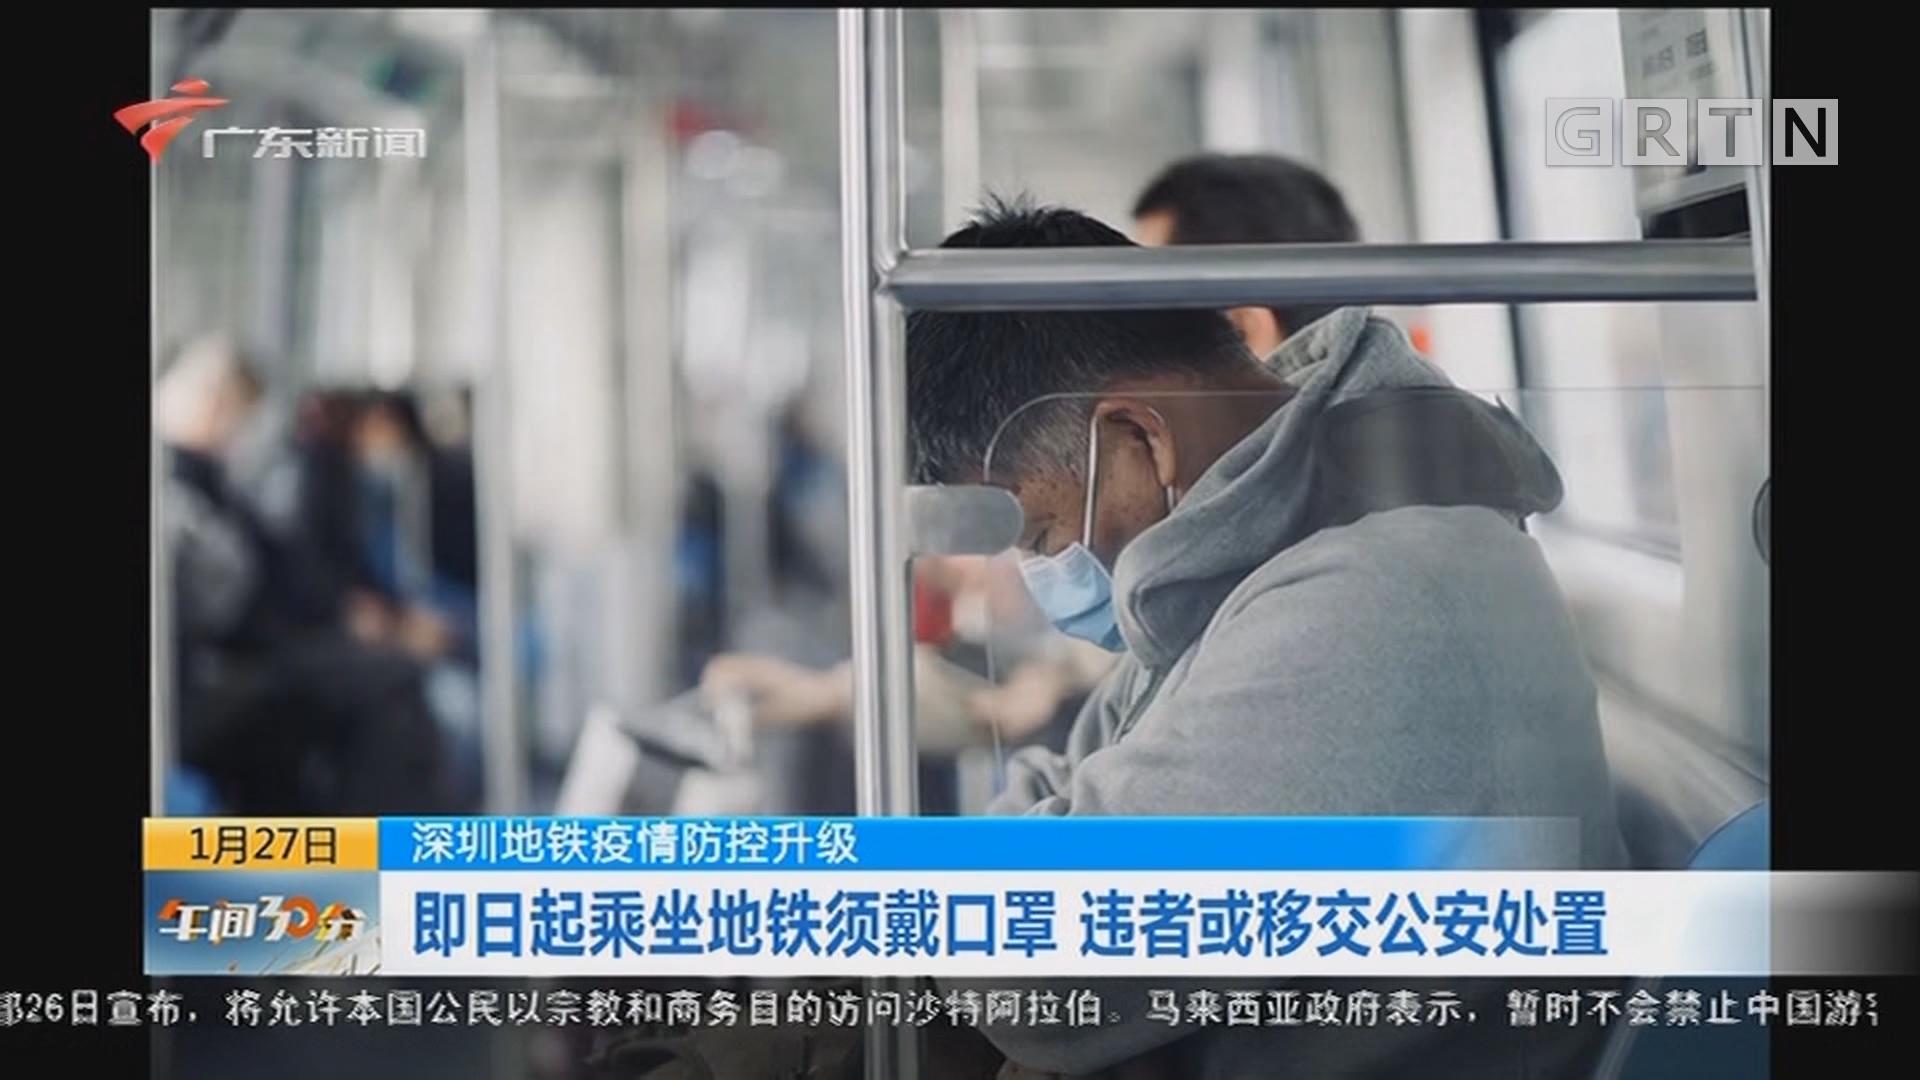 深圳地铁疫情防控升级:即日起乘坐地铁须戴口罩 违者或移交公安处置